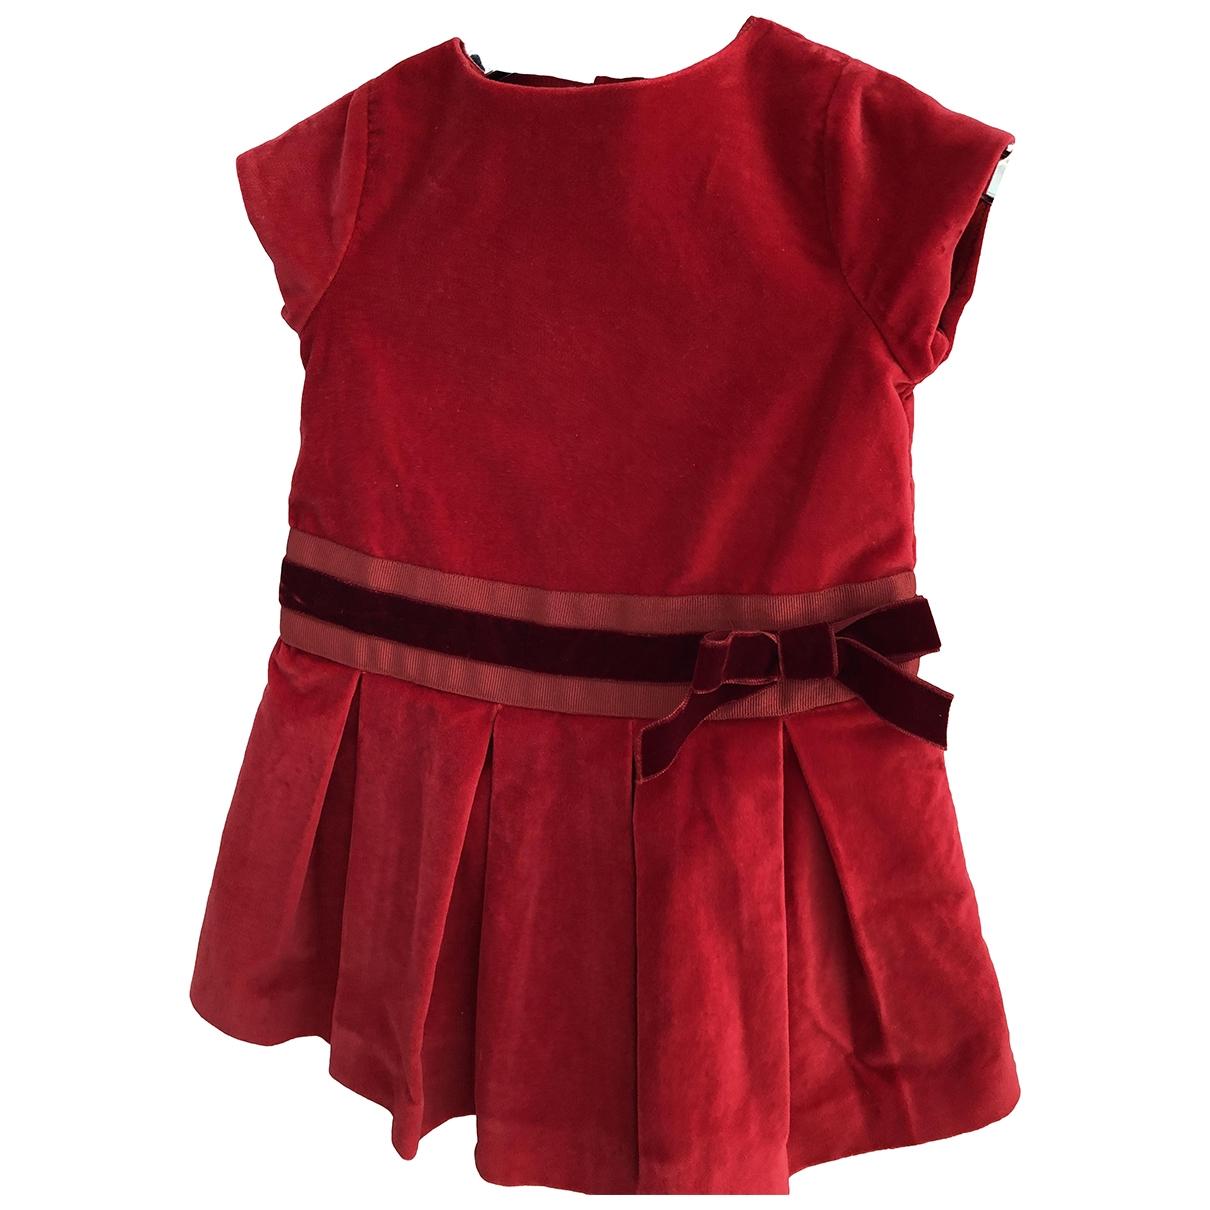 Jacadi \N Kleid in  Rot Samt